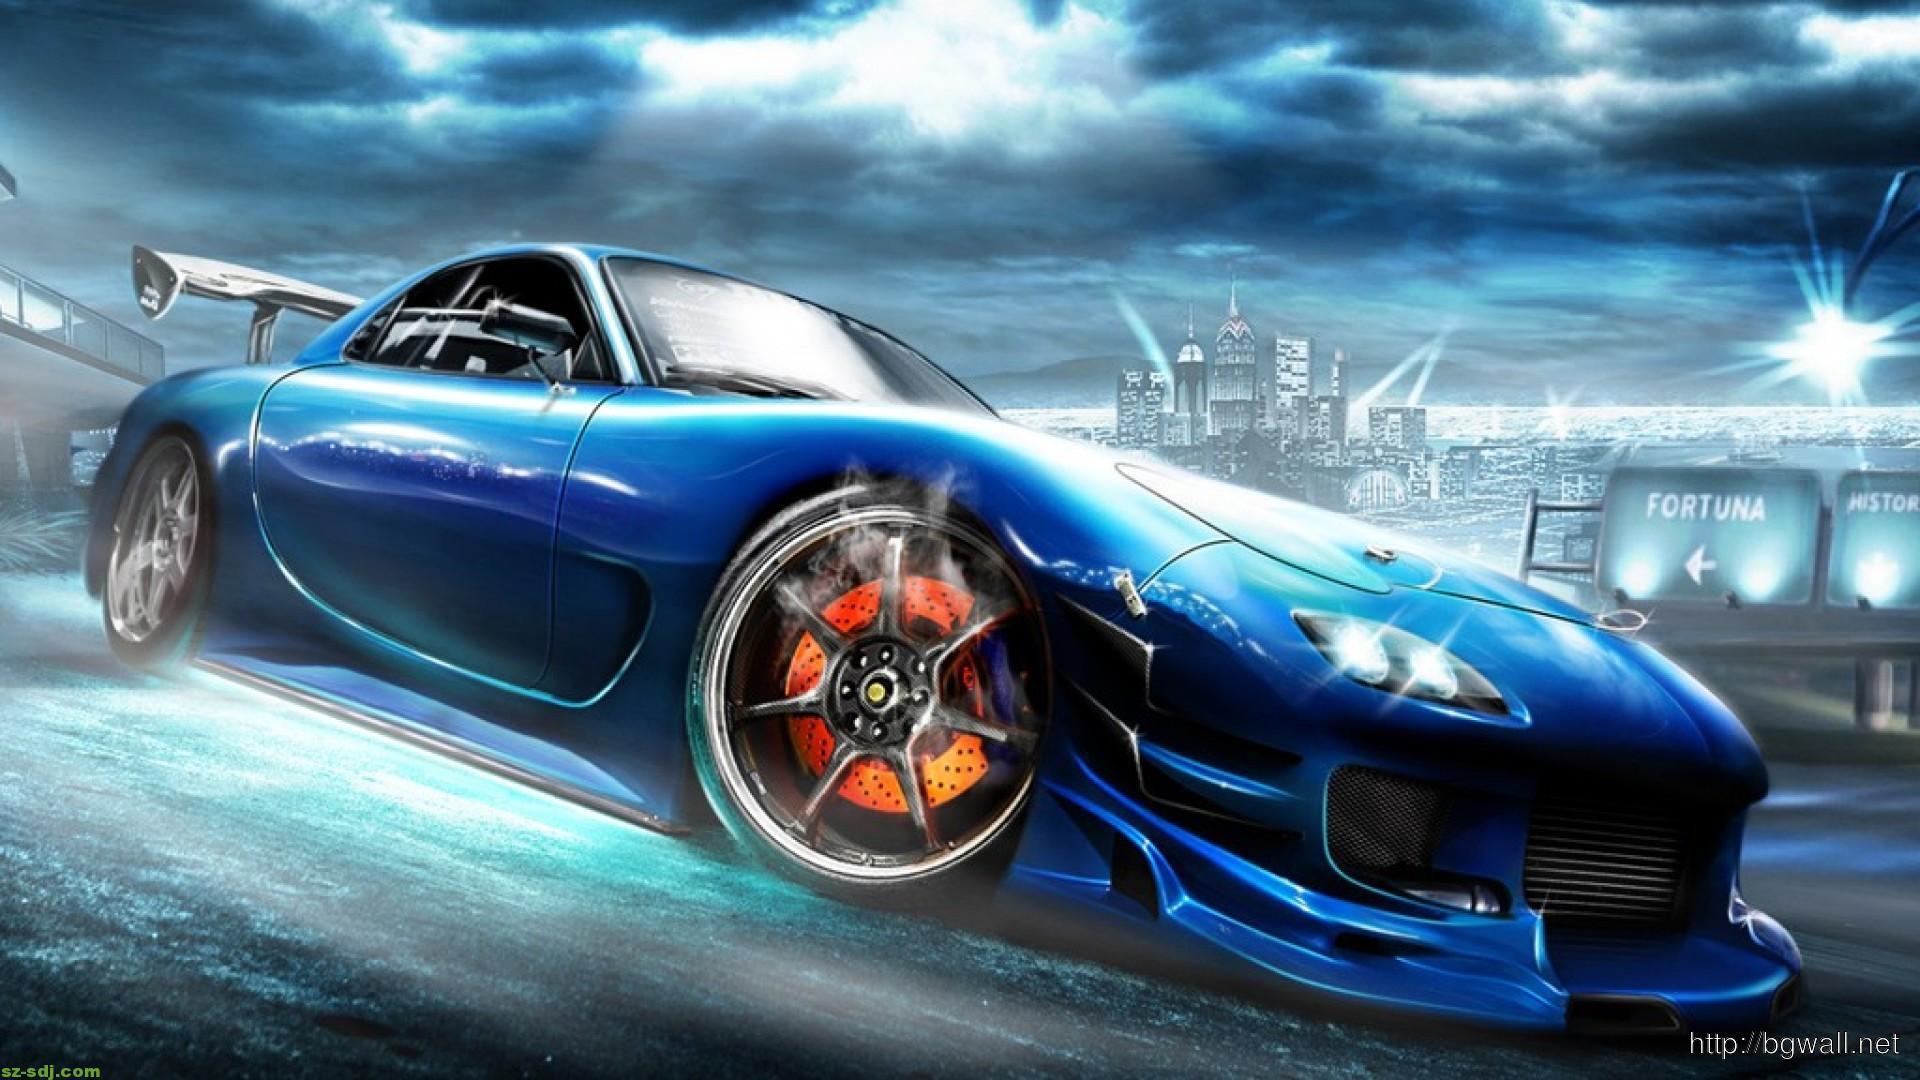 Cool Blue Mazda Rx 7 Wallpaper Desktop Background